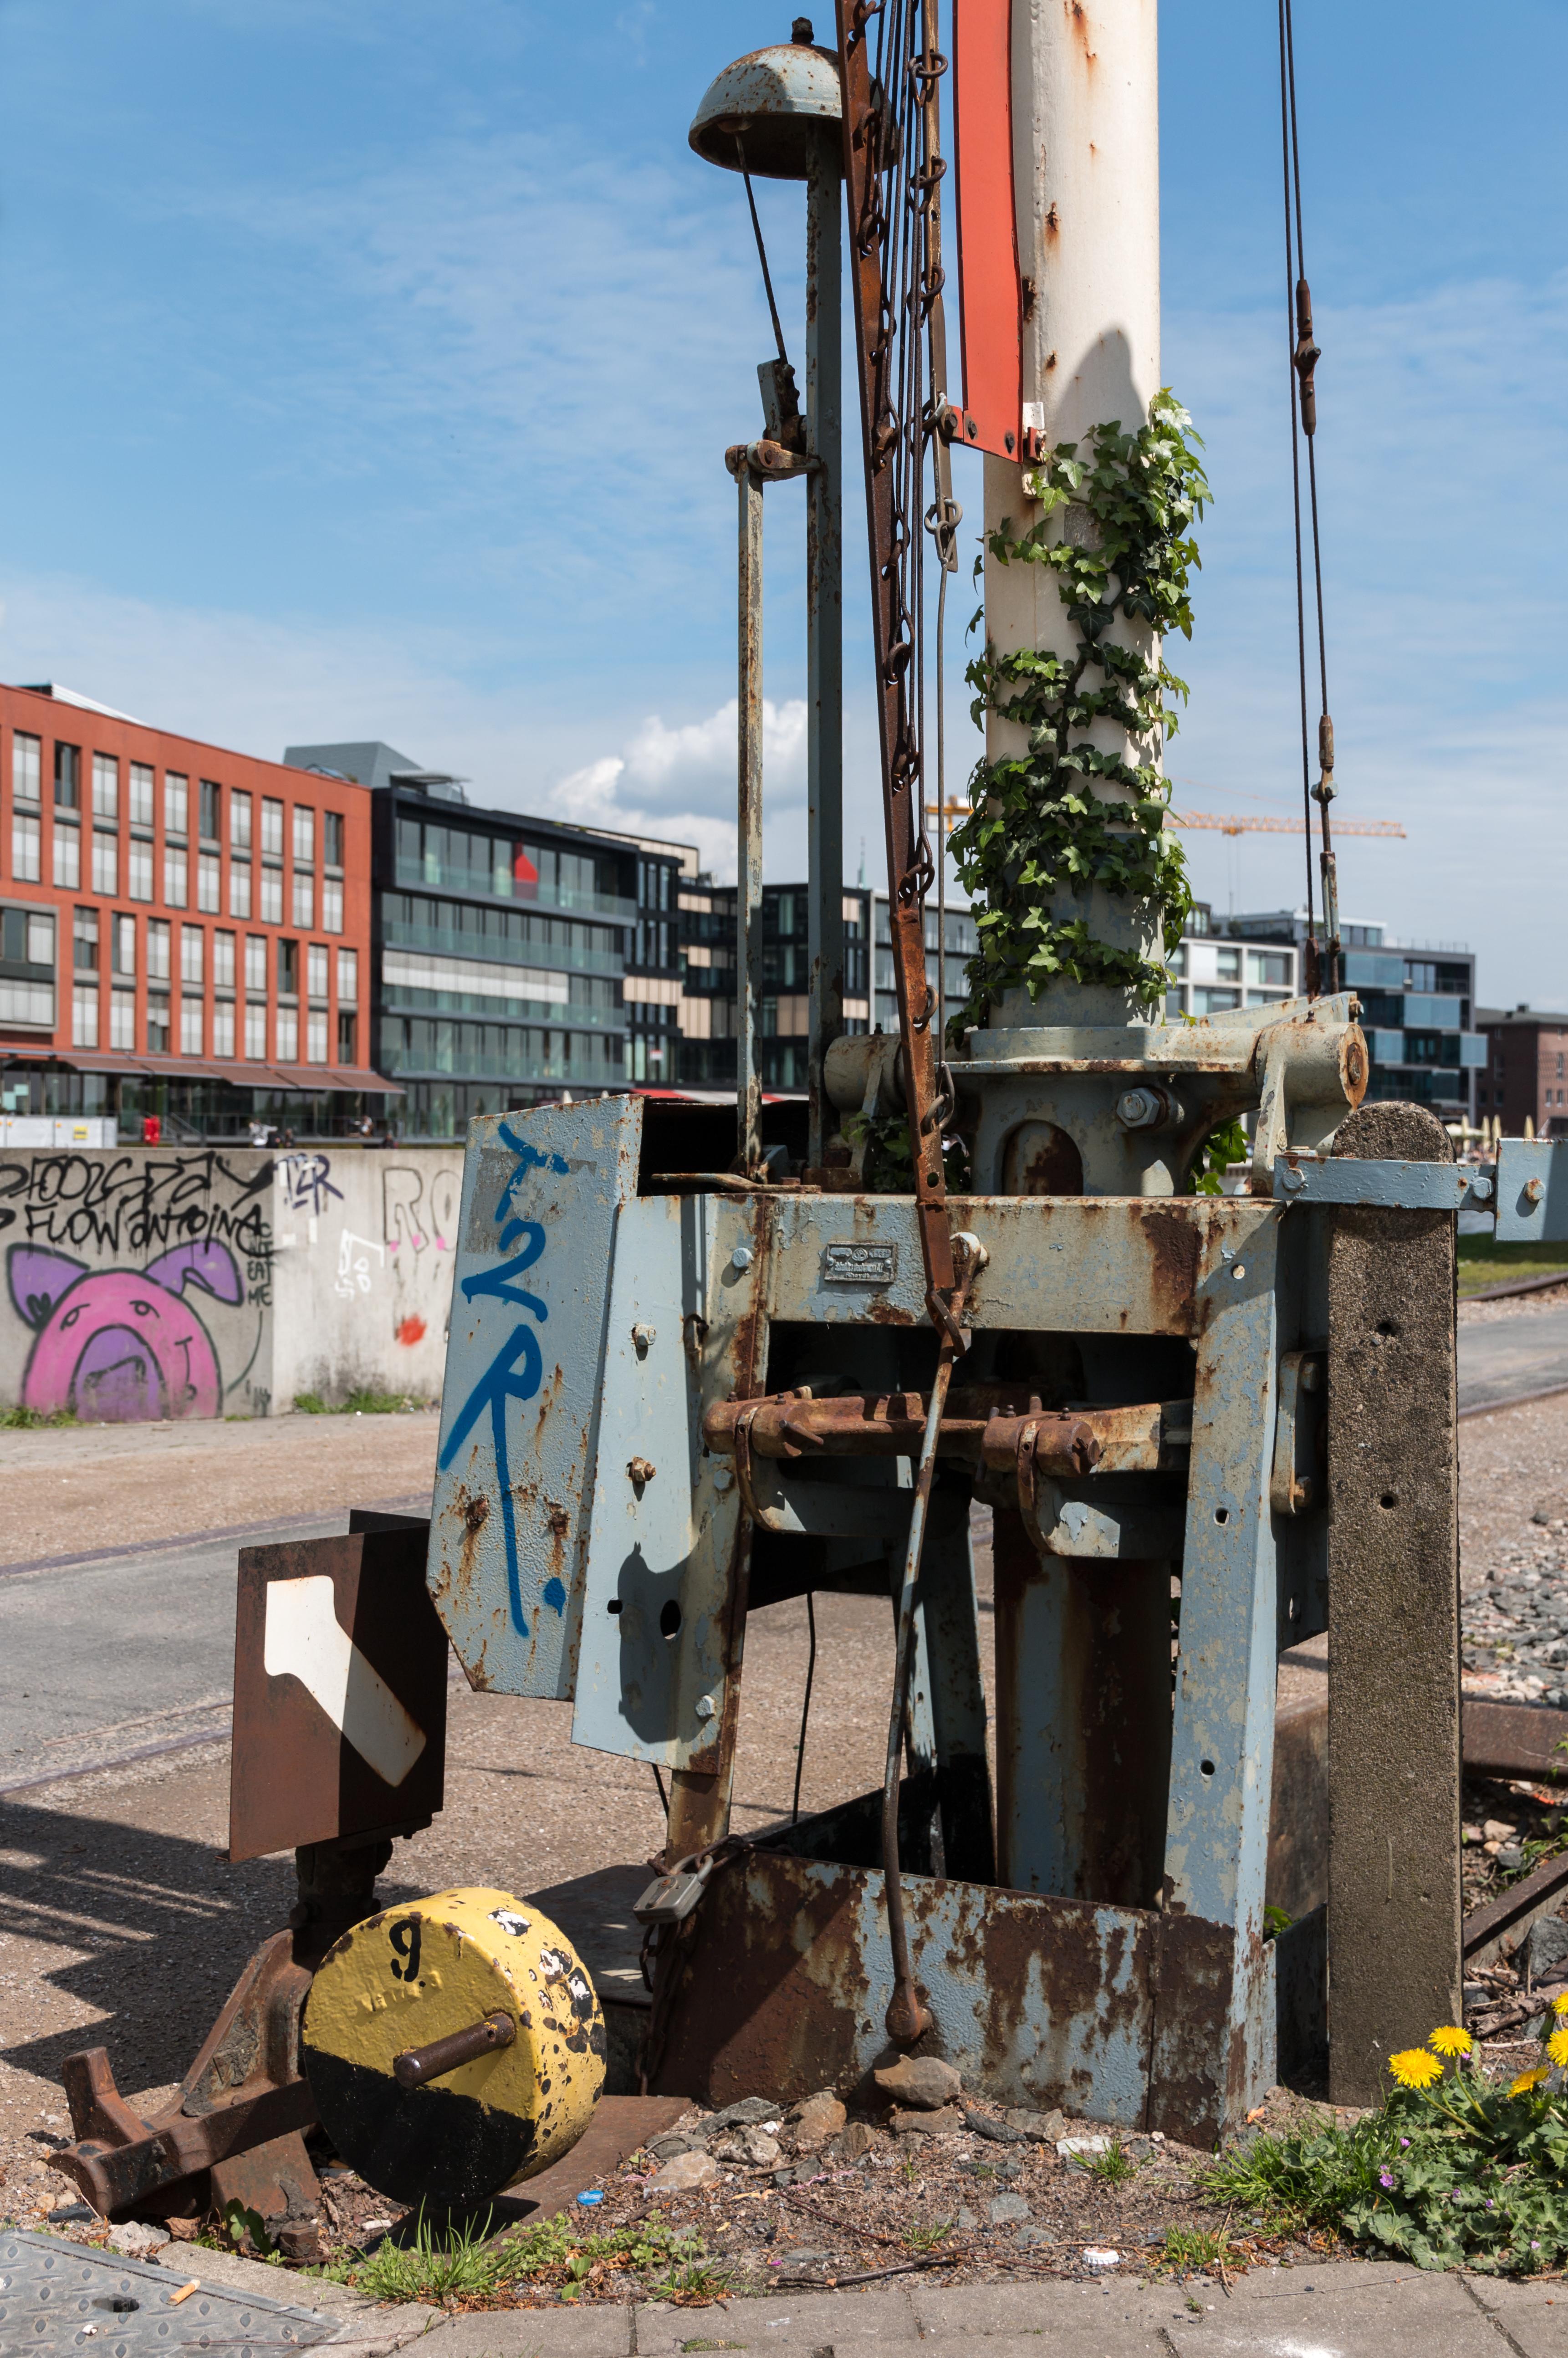 File:Münster, Alte Schranke im Hafen -- 2015 -- 5812.jpg ...